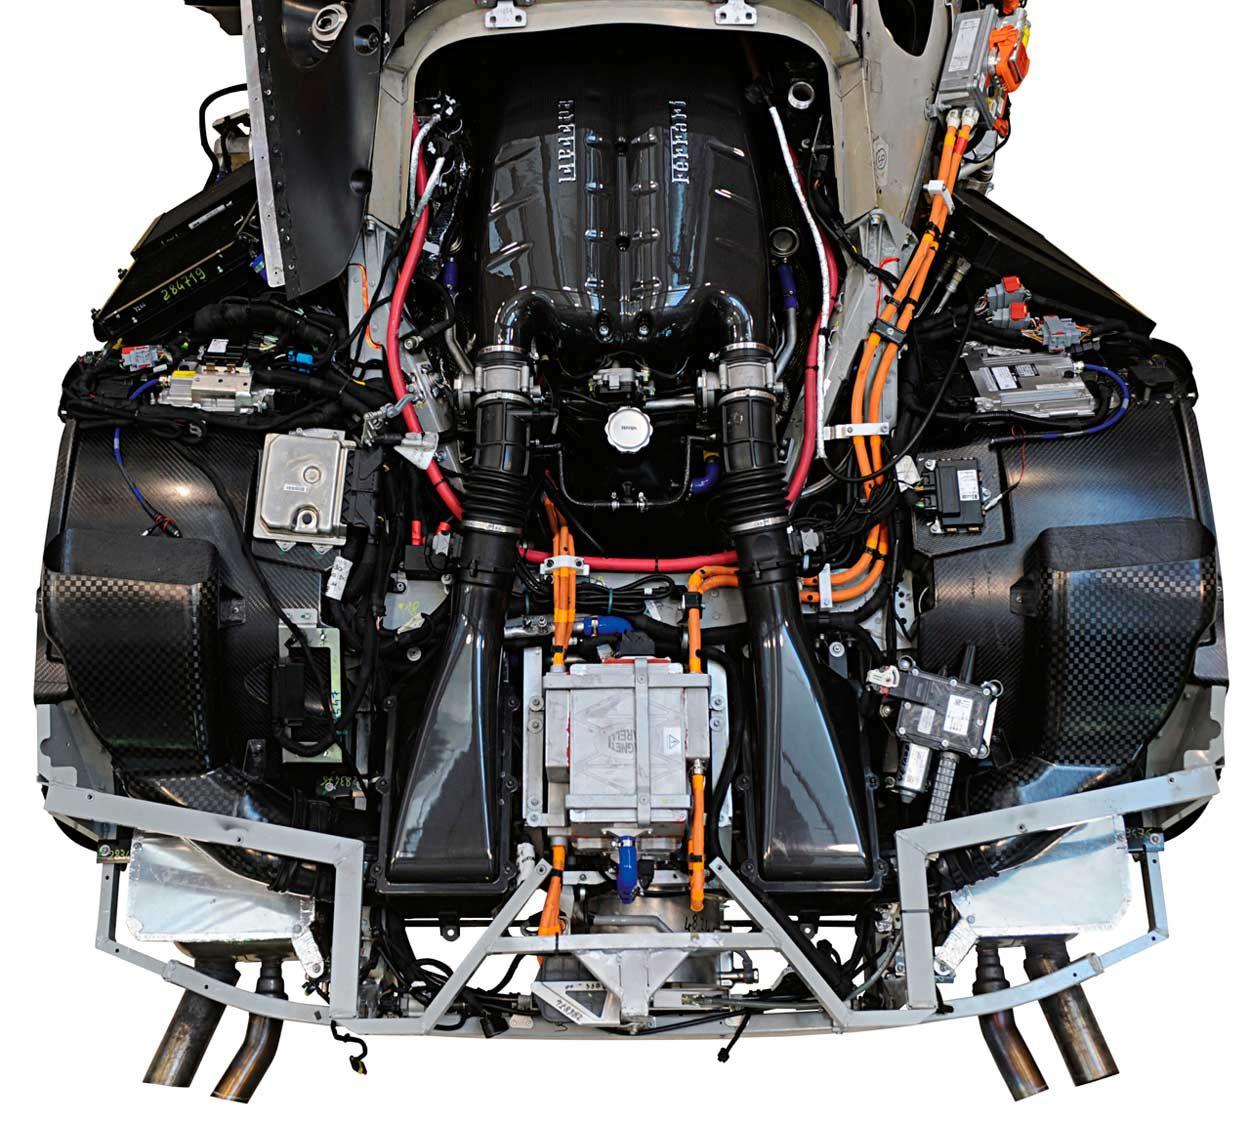 mclaren f1 engine details cars as art mclaren ferrari cars rh pinterest com lamborghini aventador mclaren [ 1250 x 1123 Pixel ]